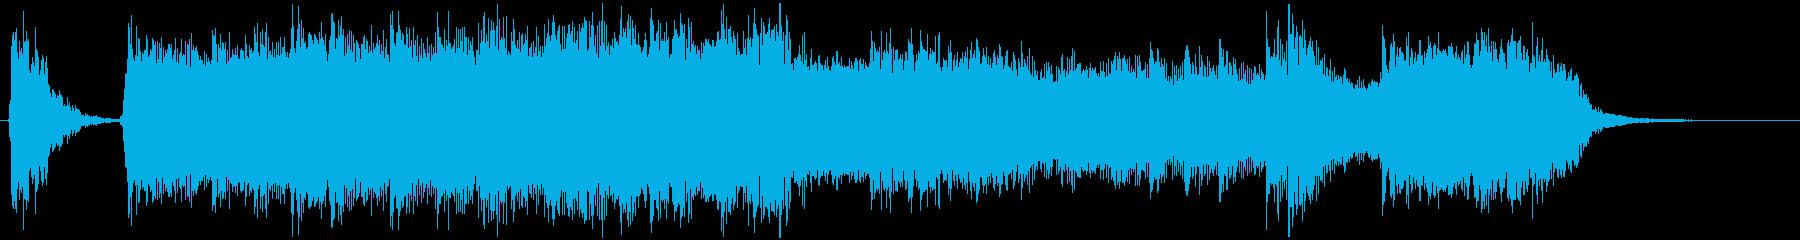 ライブ終わりによくあるタカドンジャーンの再生済みの波形